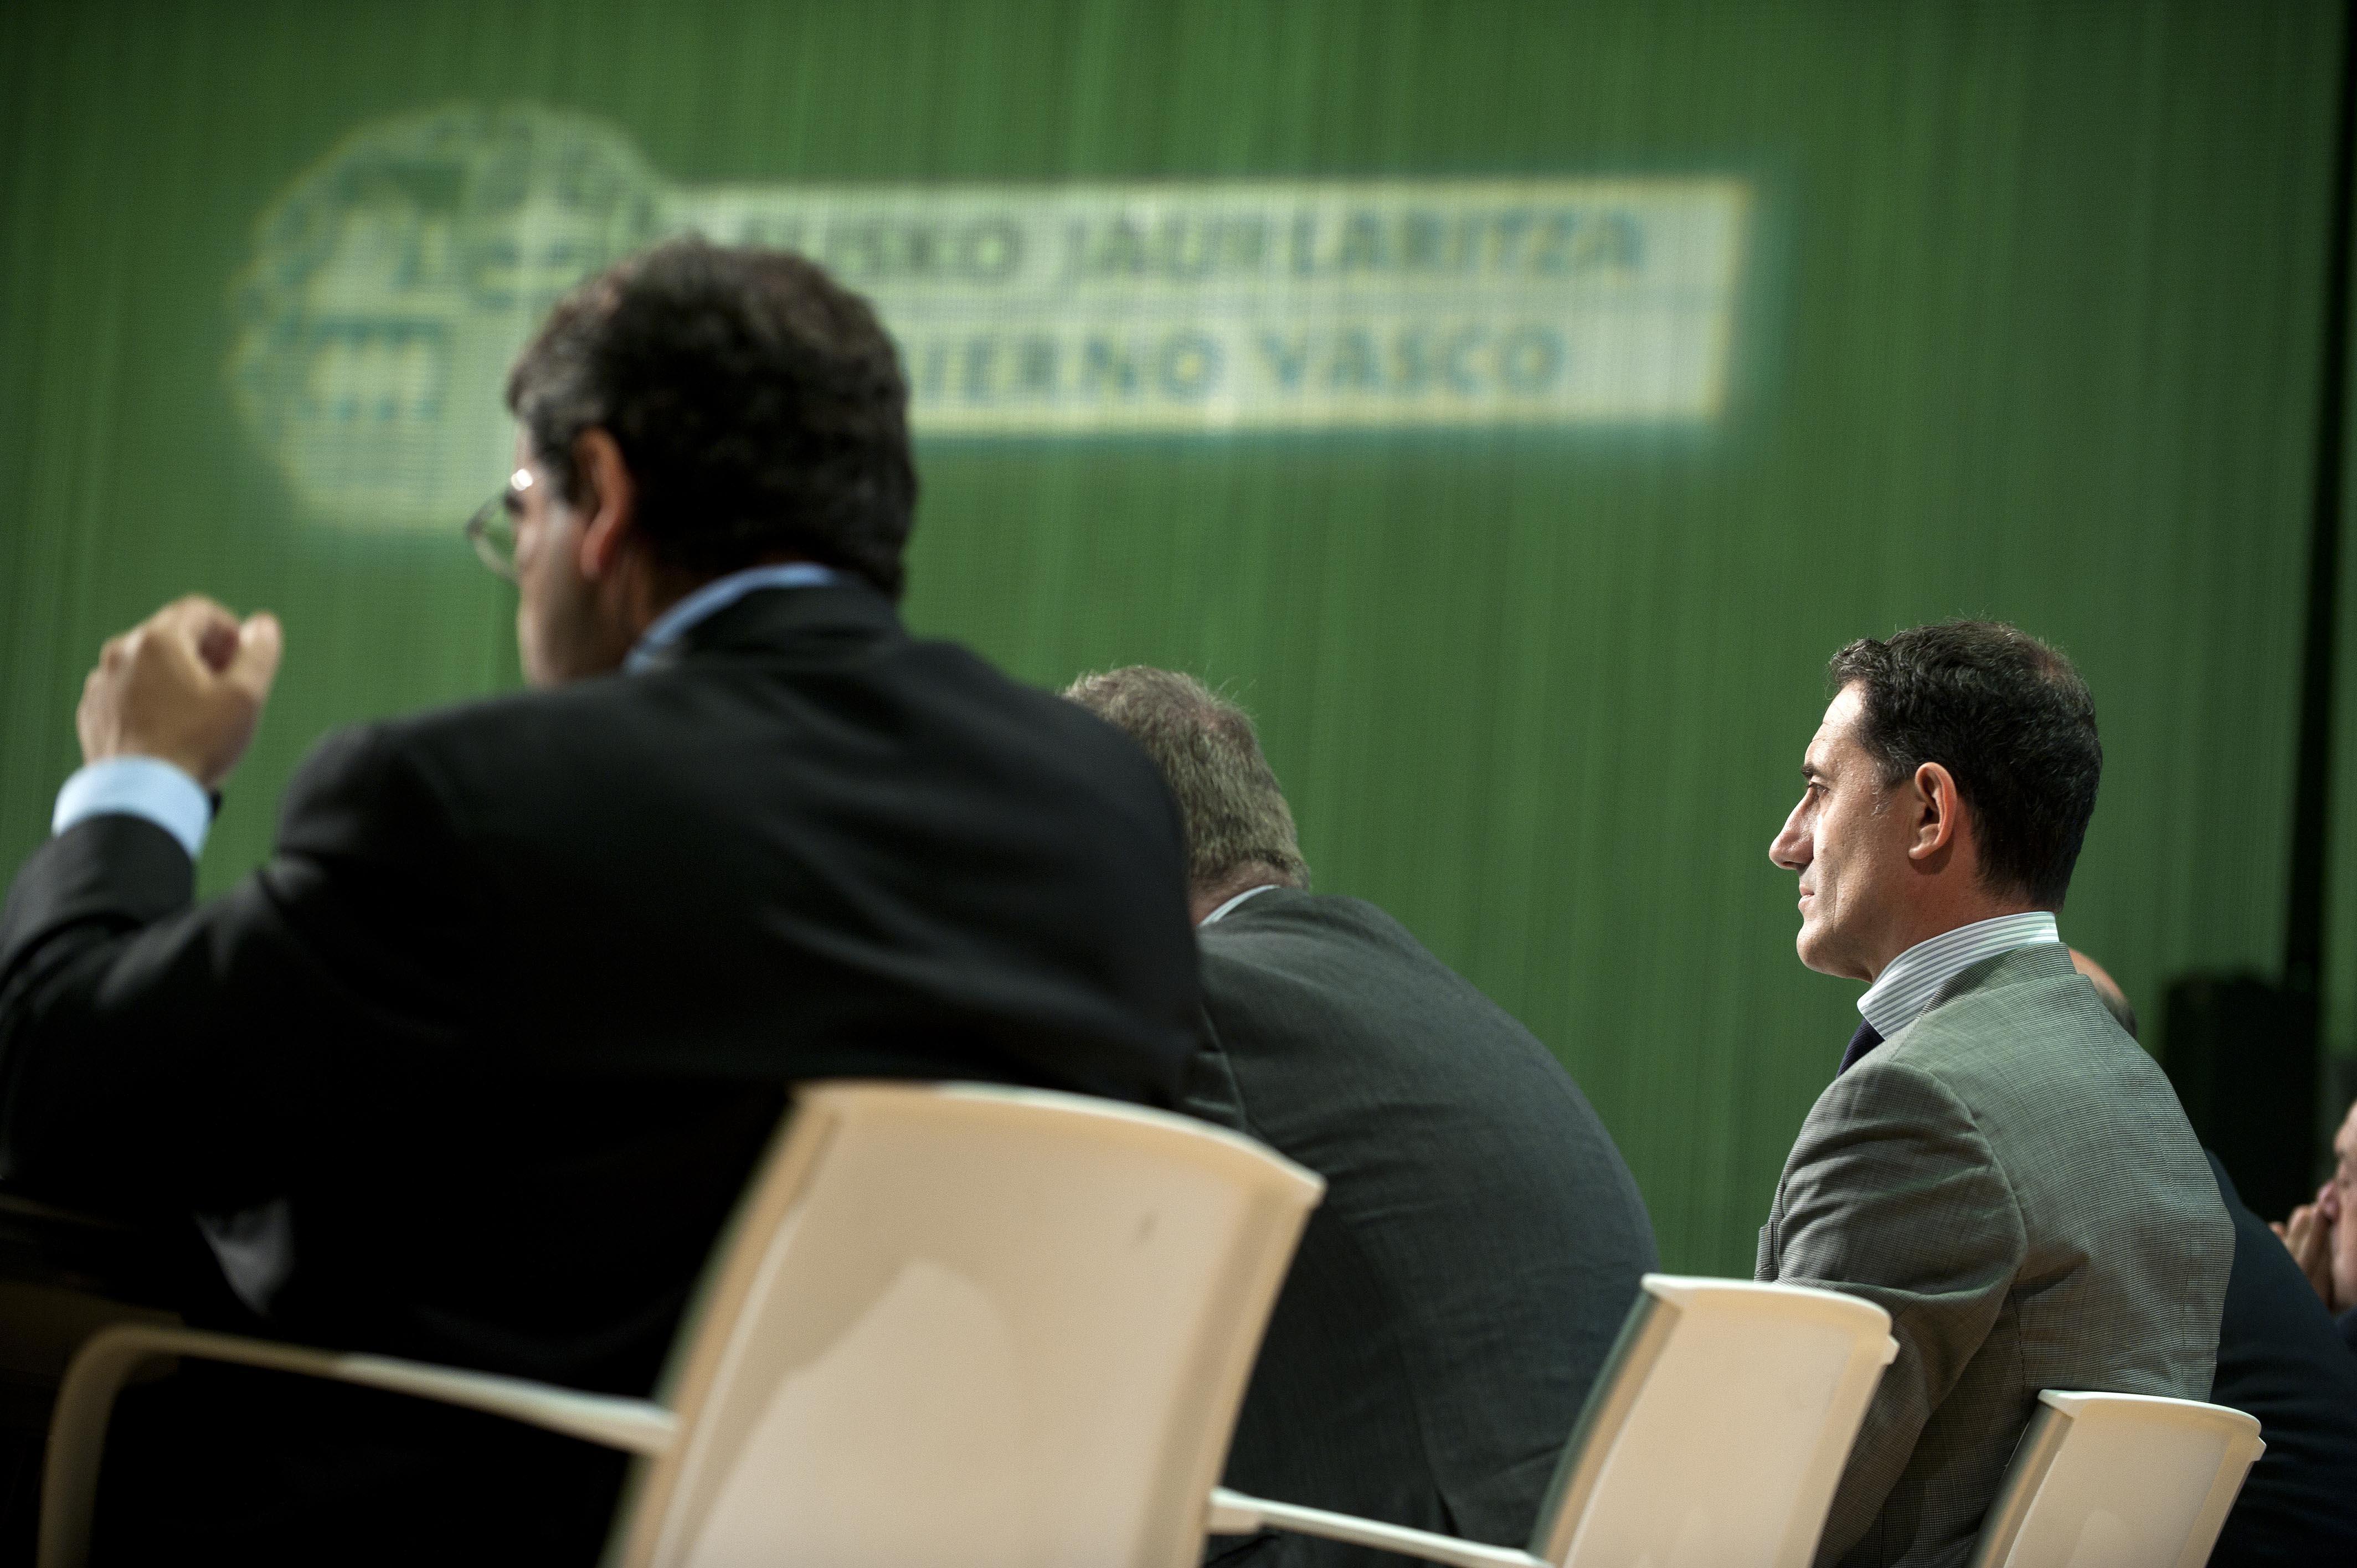 2012_05_15_congreso_memoria_convivencia_09.jpg